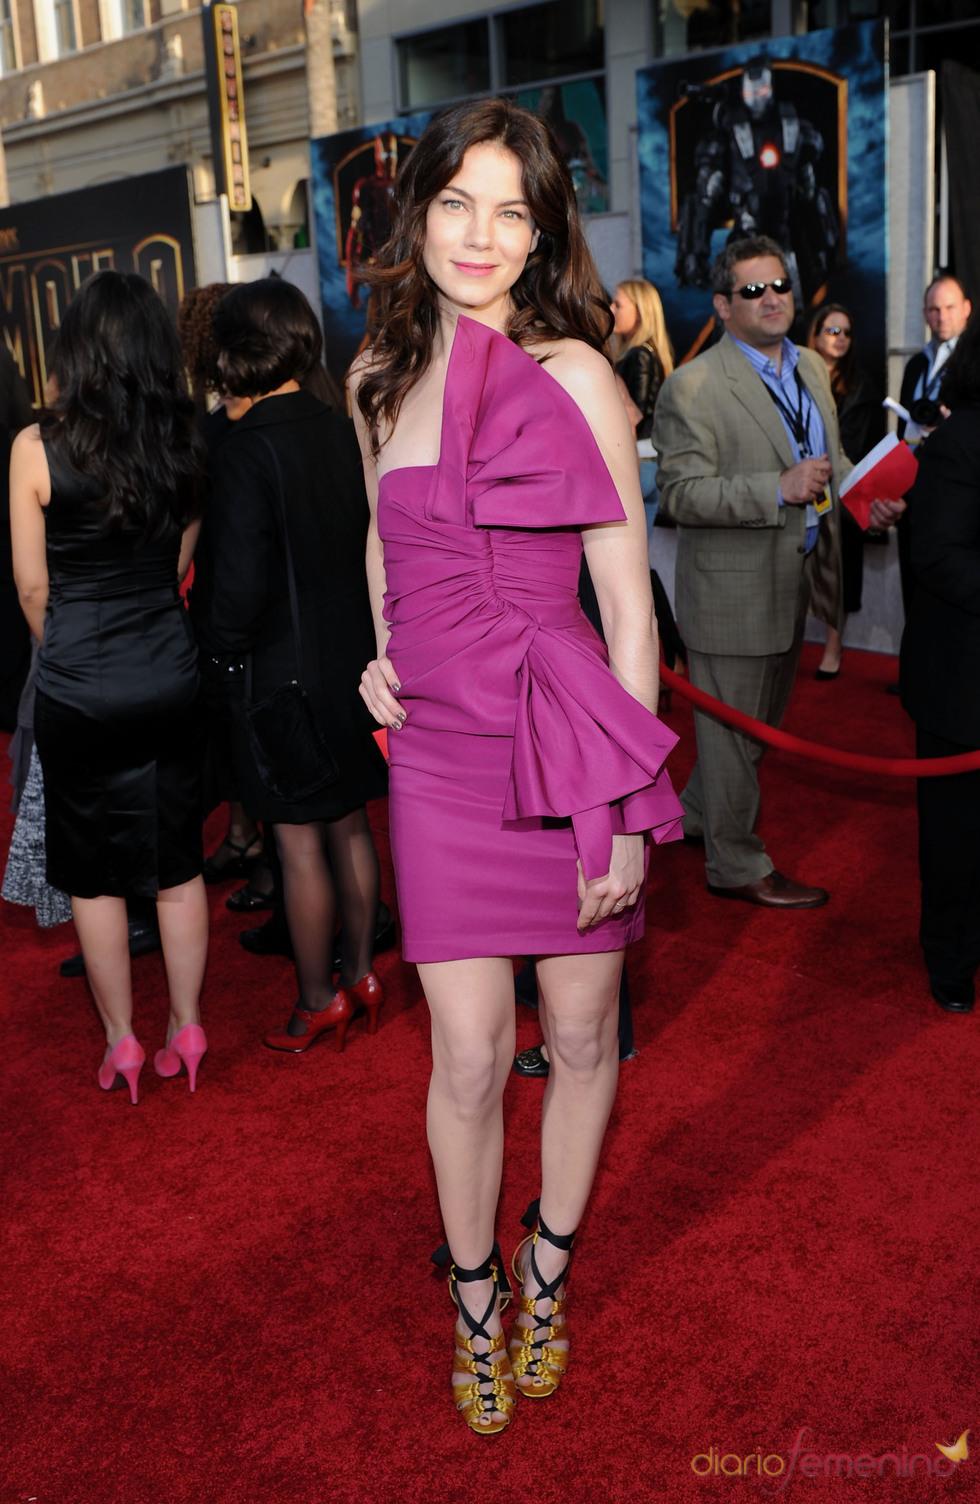 Michelle Monaghan en la premiere de 'Iron Man 2'